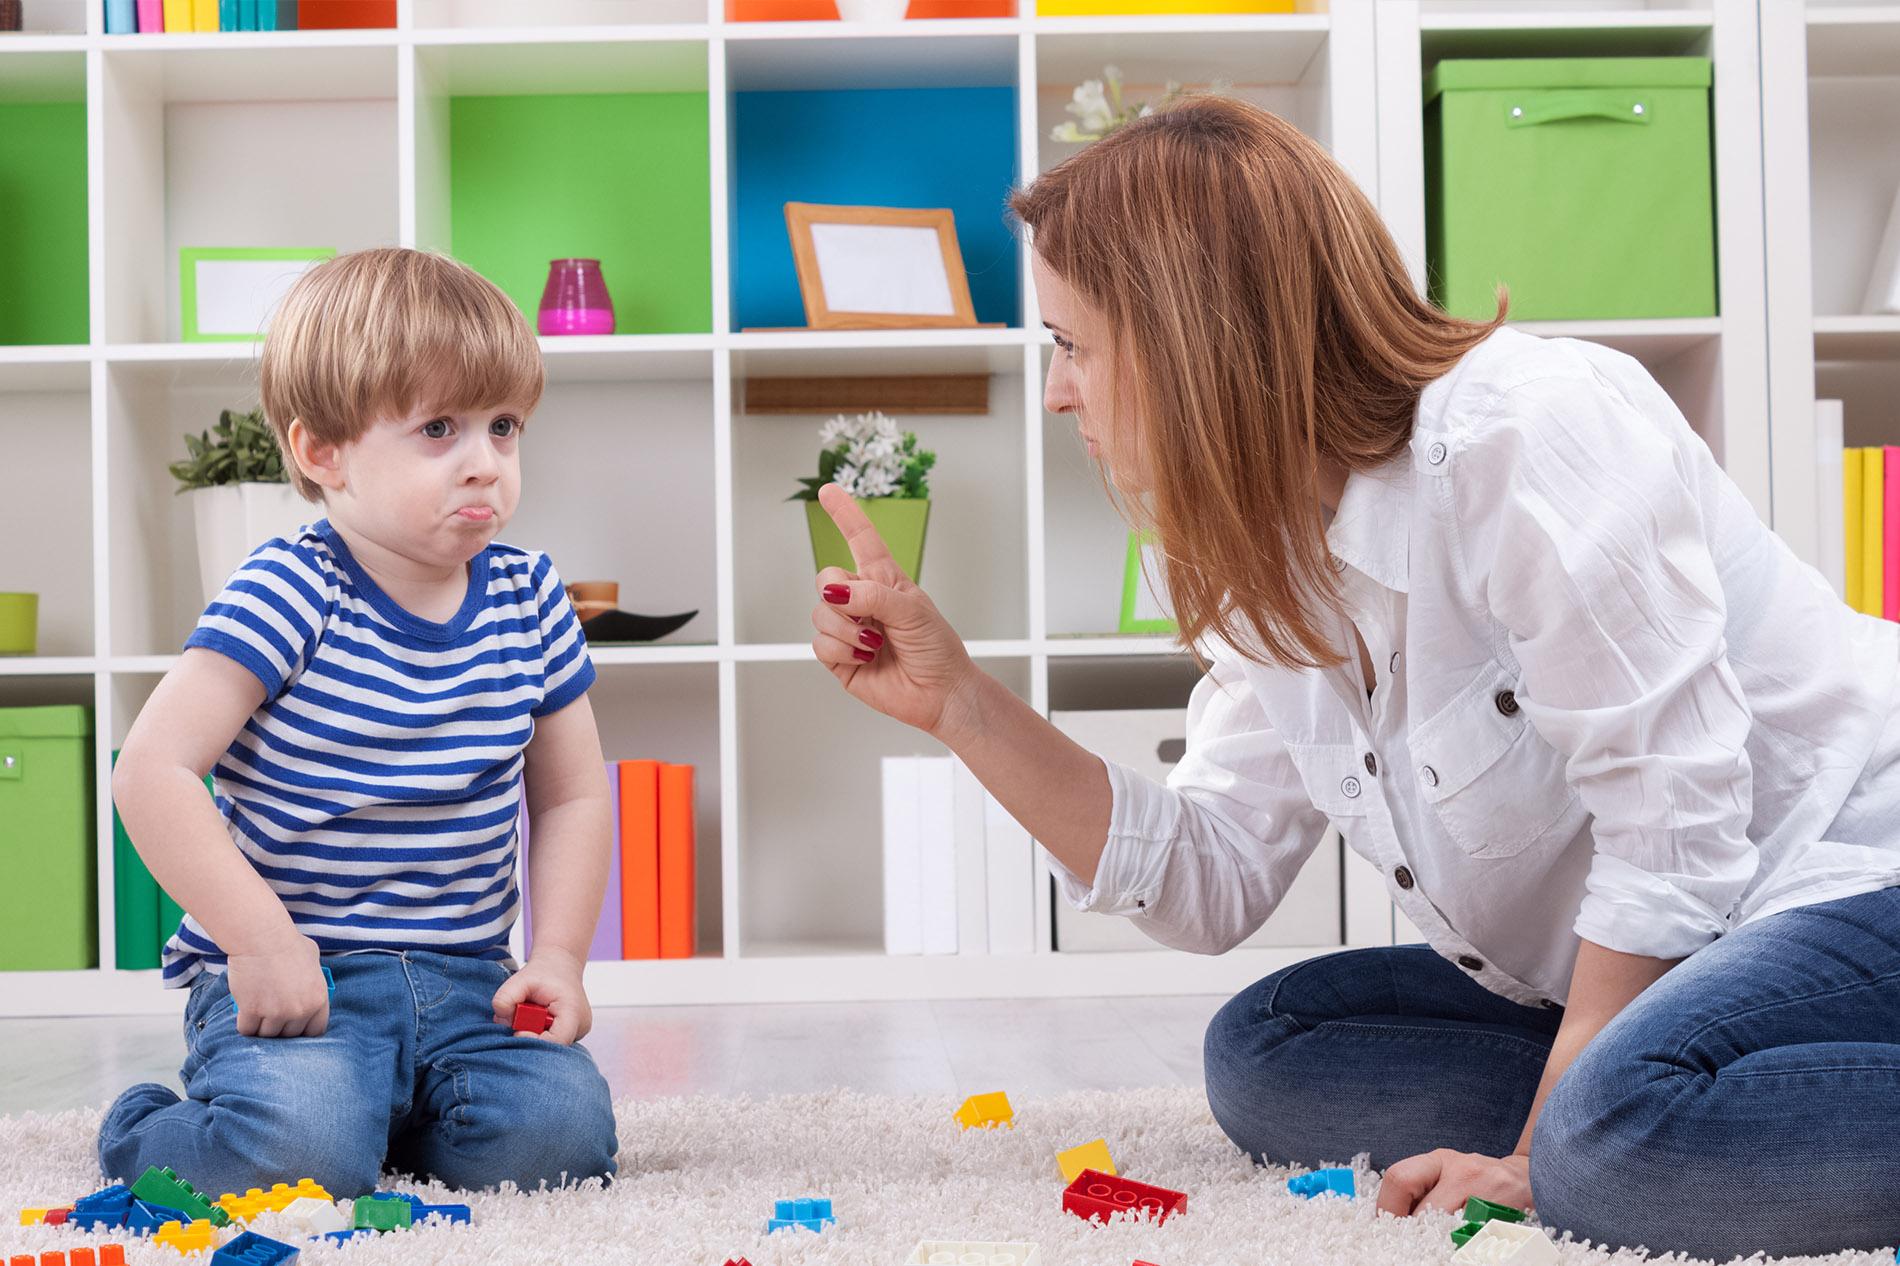 أساليب خاطئة في تربية الأطفال.. تعرفي عليها